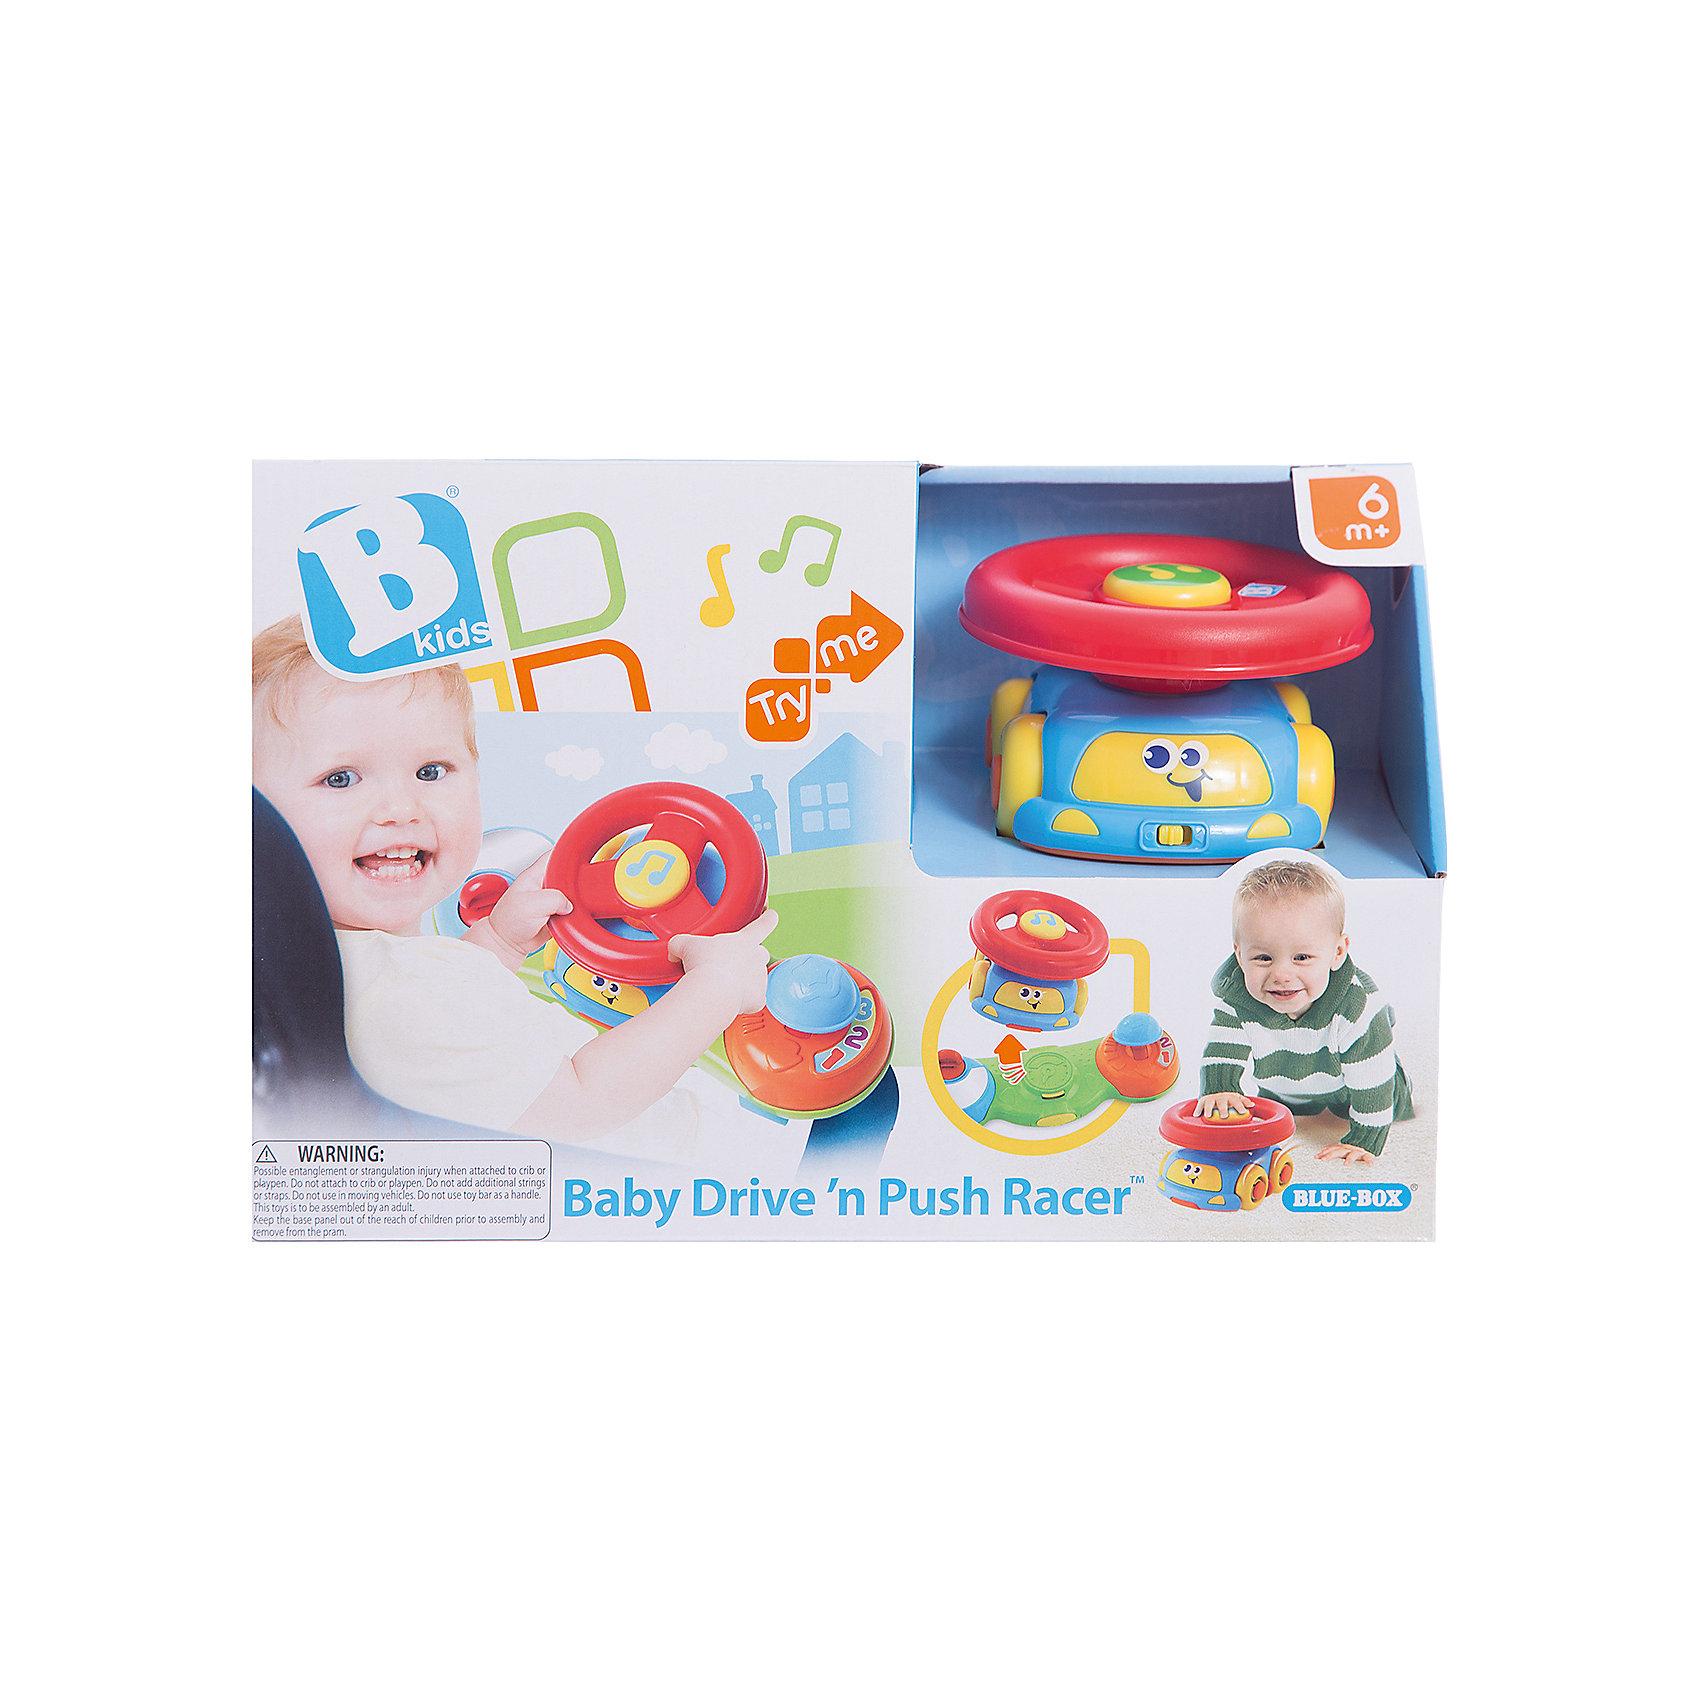 Музыкальная игрушка 2 в 1 Маленький водитель, BKidsИнтерактивные игрушки для малышей<br>Развивать способности ребенка можно с самого раннего возраста. Делая это в игре, малыш всесторонне изучает мир и осваивает новые навыки. Эта игрушка представляет собой одновременно музыкальную игровую панель на коляску и симпатичную машинку со съемным рулем на крыше.<br>Такие игрушки способствуют развитию мелкой моторики, воображения, цвето- и звуковосприятия, тактильных ощущений и обучению. Изделие разработано специально для самых маленьких. Сделано из материалов, безопасных для детей.<br><br>Дополнительная информация:<br><br>цвет: разноцветный;<br>размер упаковки: 30 х 12 х 20 см;<br>батарейки: 2хLR44, входят в комплект;<br>возраст: от полугода.<br><br>Музыкальную игрушку 2 в 1 Маленький водитель от бренда BKids можно купить в нашем интернет-магазине.<br><br>Ширина мм: 114<br>Глубина мм: 114<br>Высота мм: 203<br>Вес г: 458<br>Возраст от месяцев: 6<br>Возраст до месяцев: 36<br>Пол: Унисекс<br>Возраст: Детский<br>SKU: 5055374